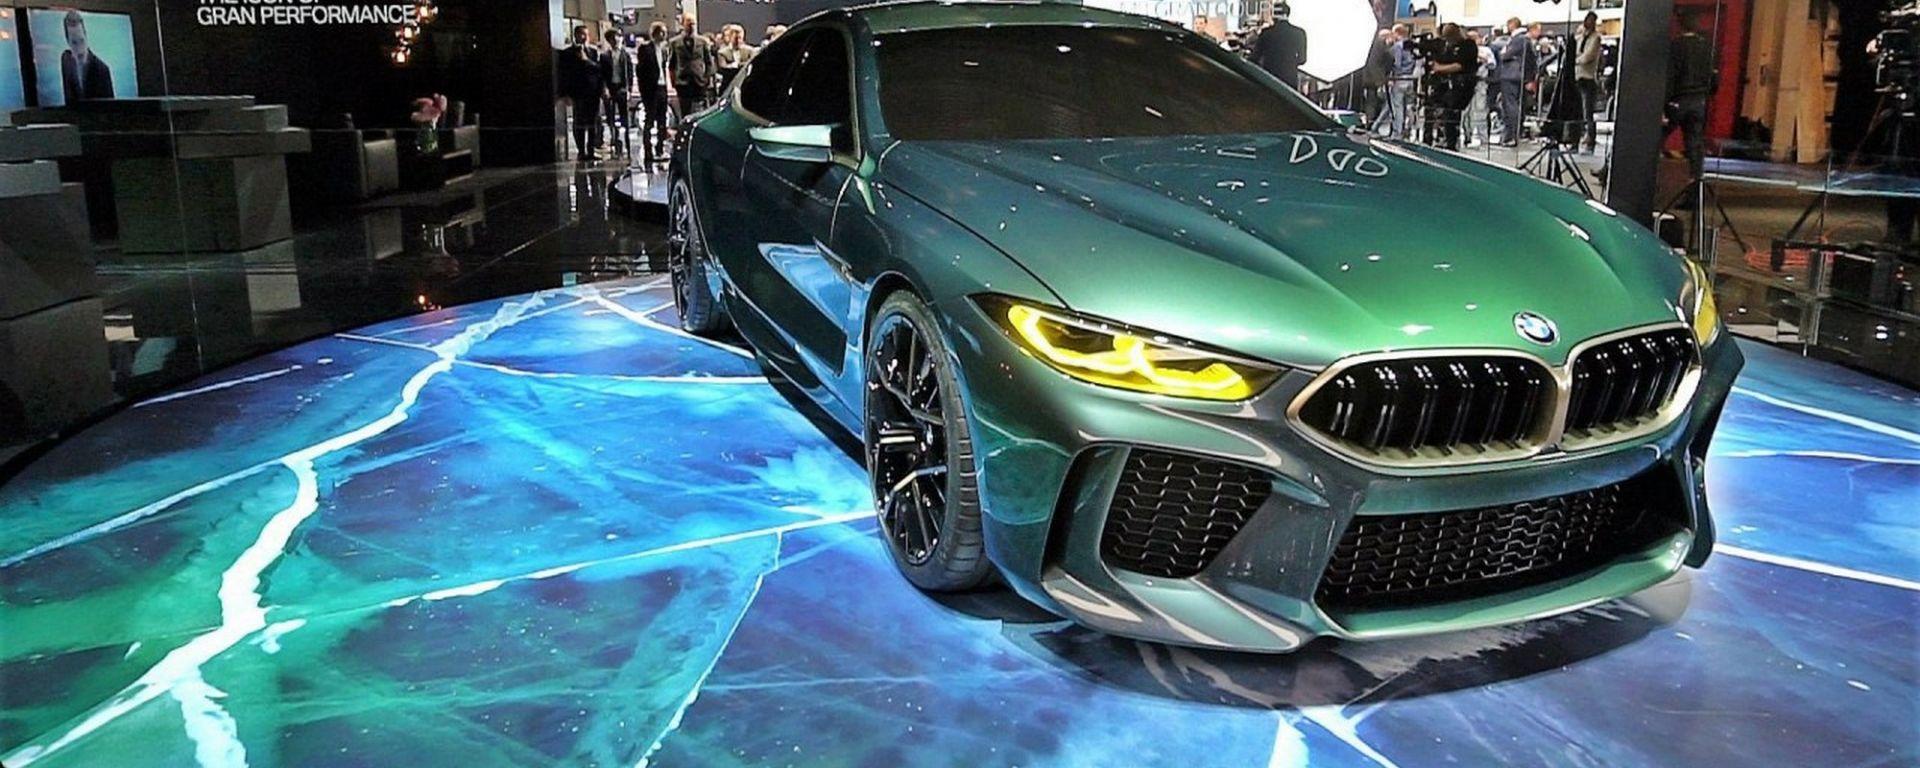 BMW M8 Gran Coupé Concept: in video dal Salone di Ginevra 2018